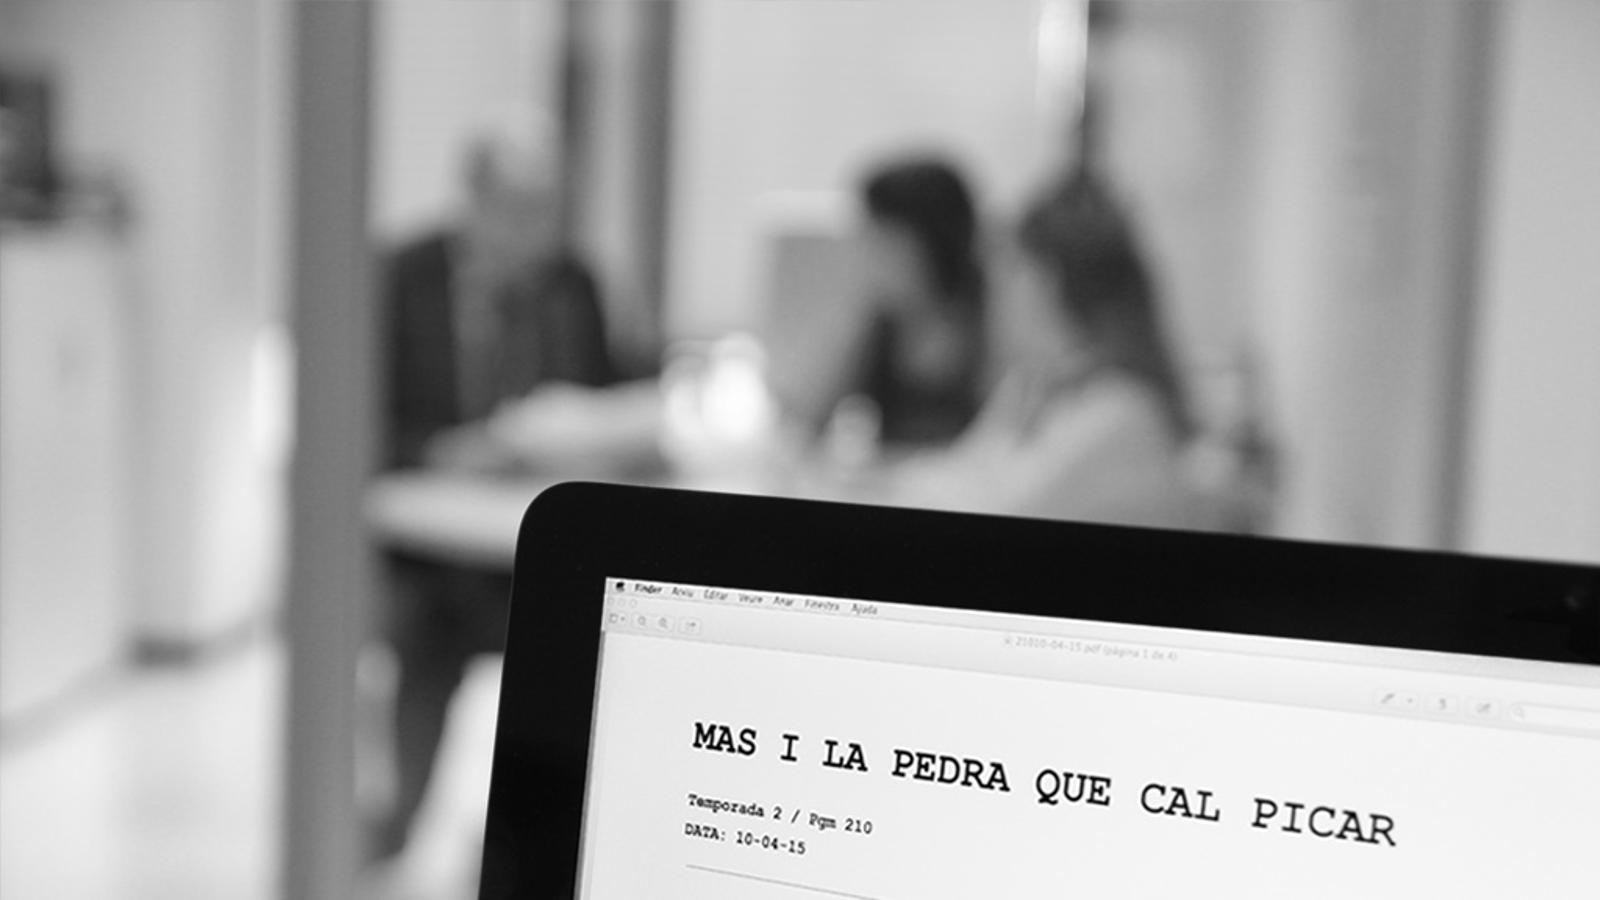 L'editorial d'Antoni Bassas: 'Mas i la pedra que cal picar' (10/04/2015)